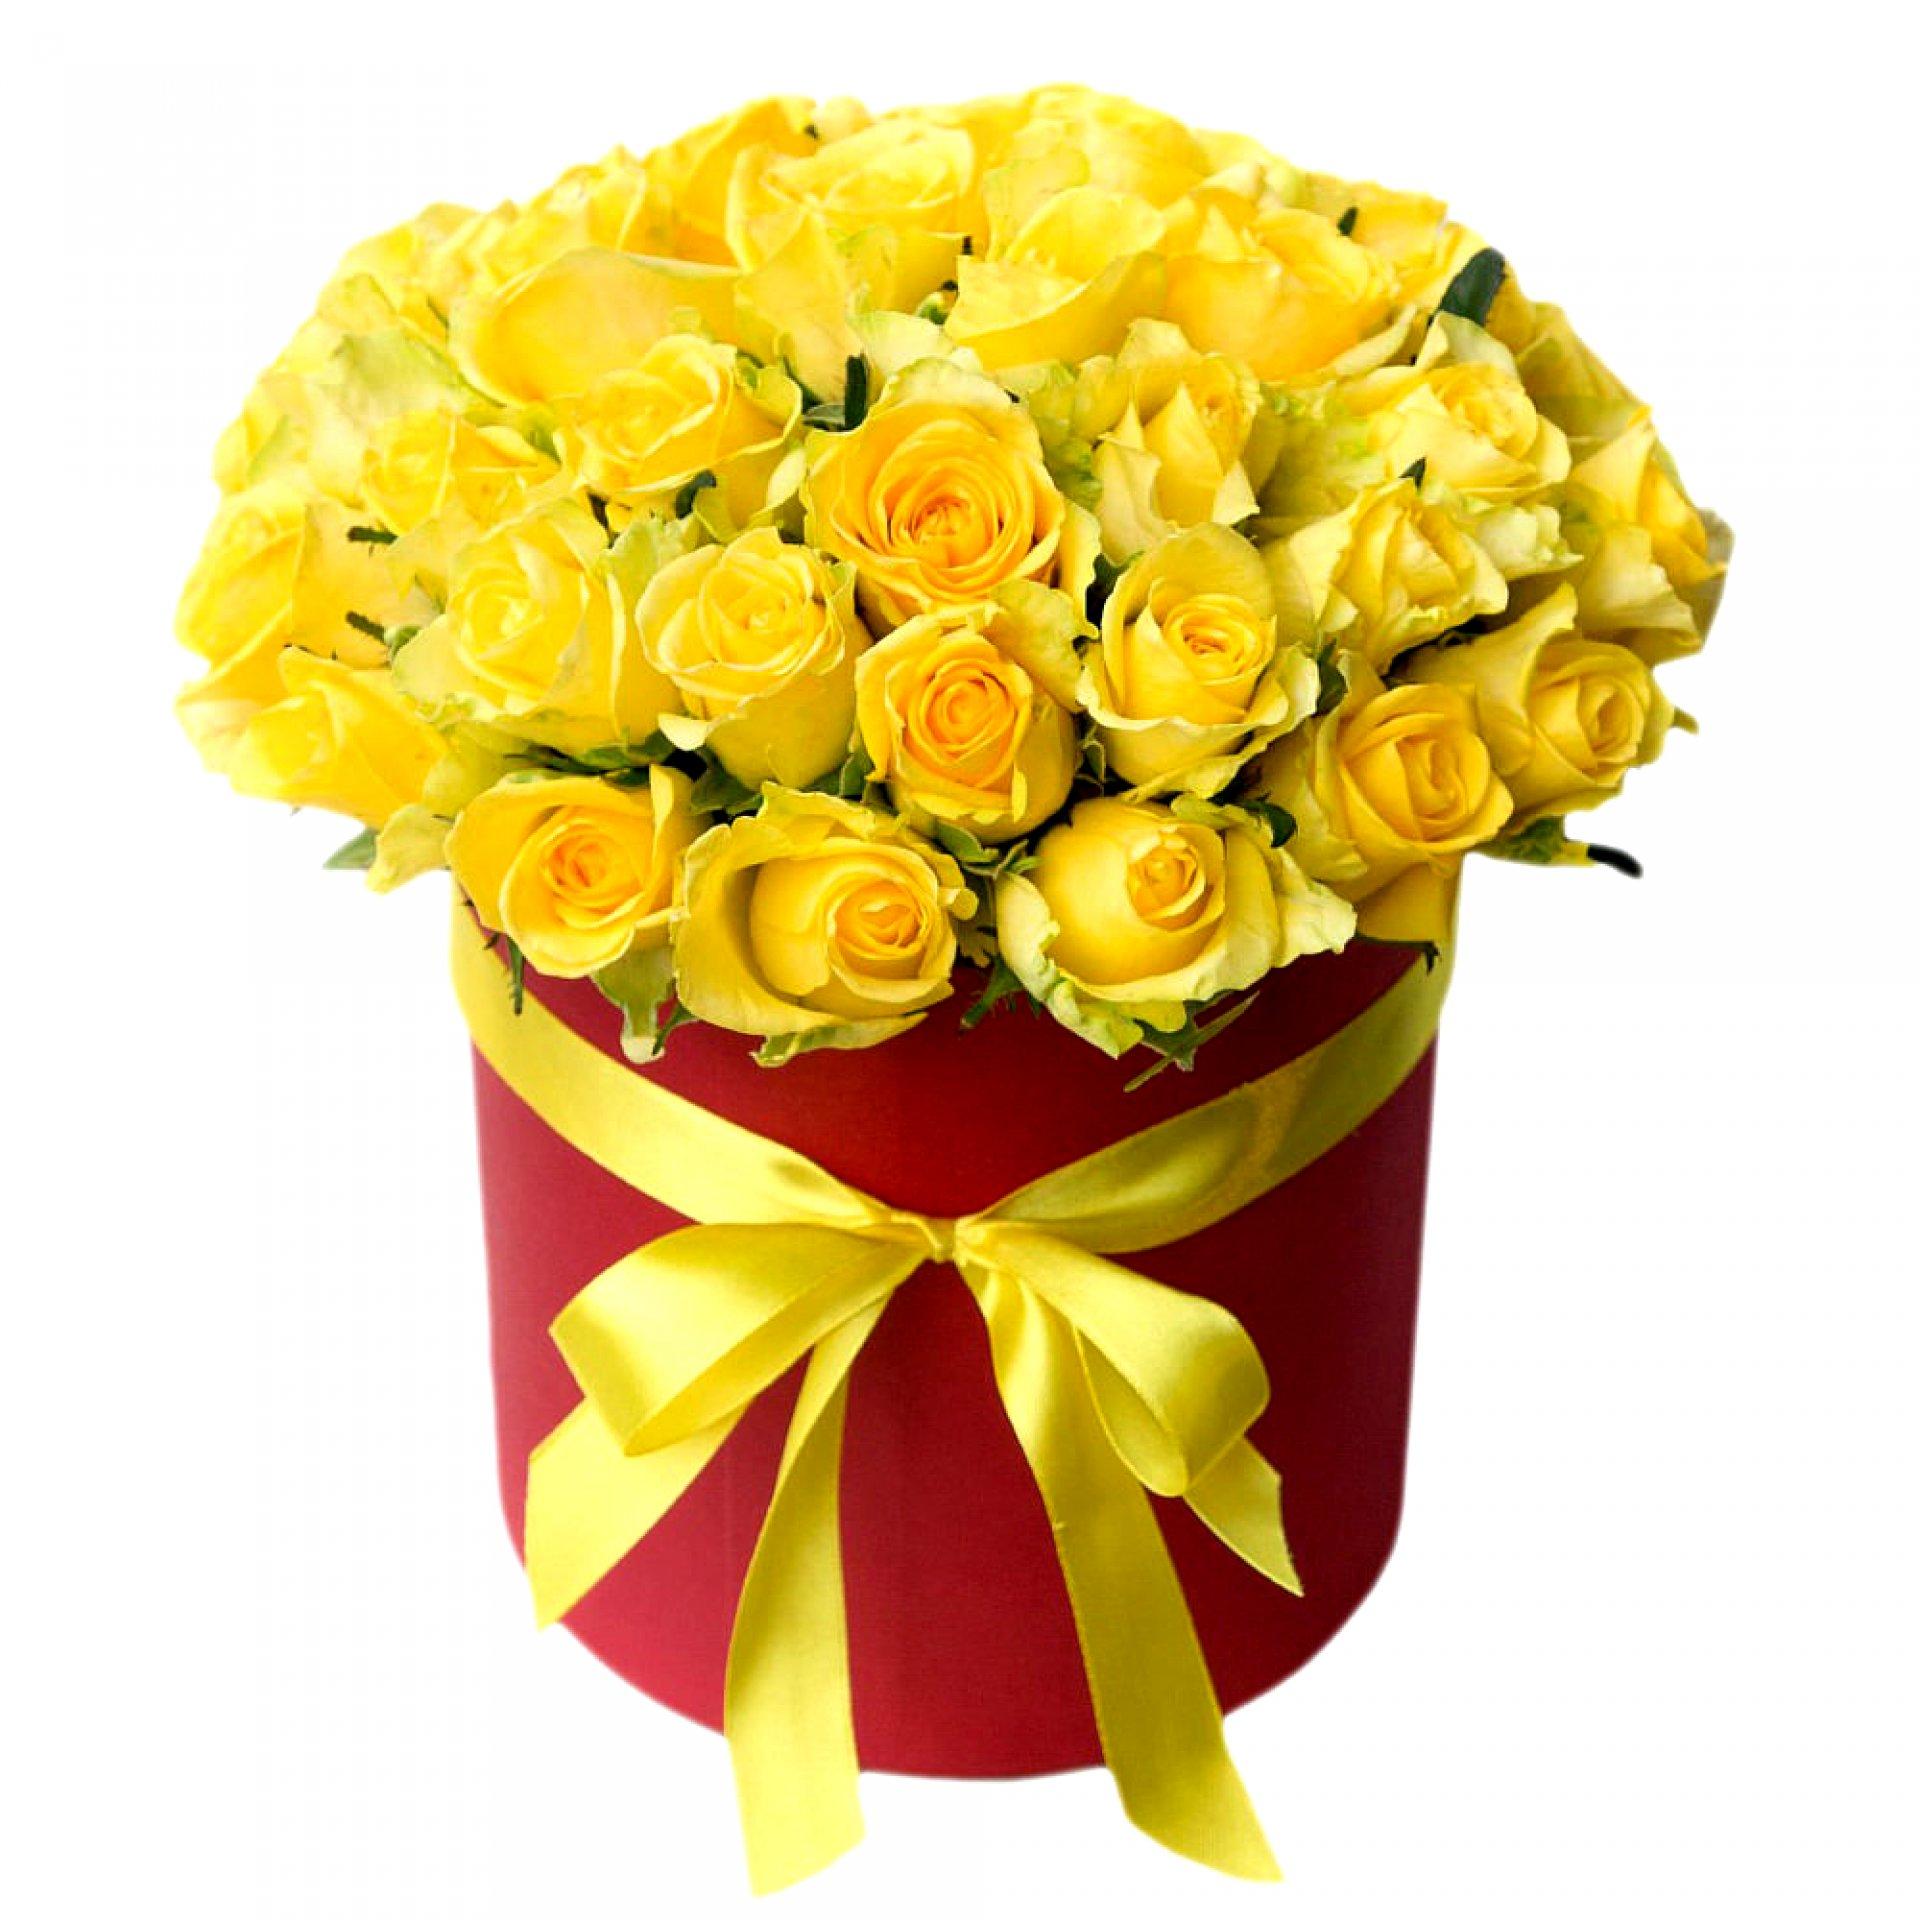 Желтые розы в красной шляпной коробке